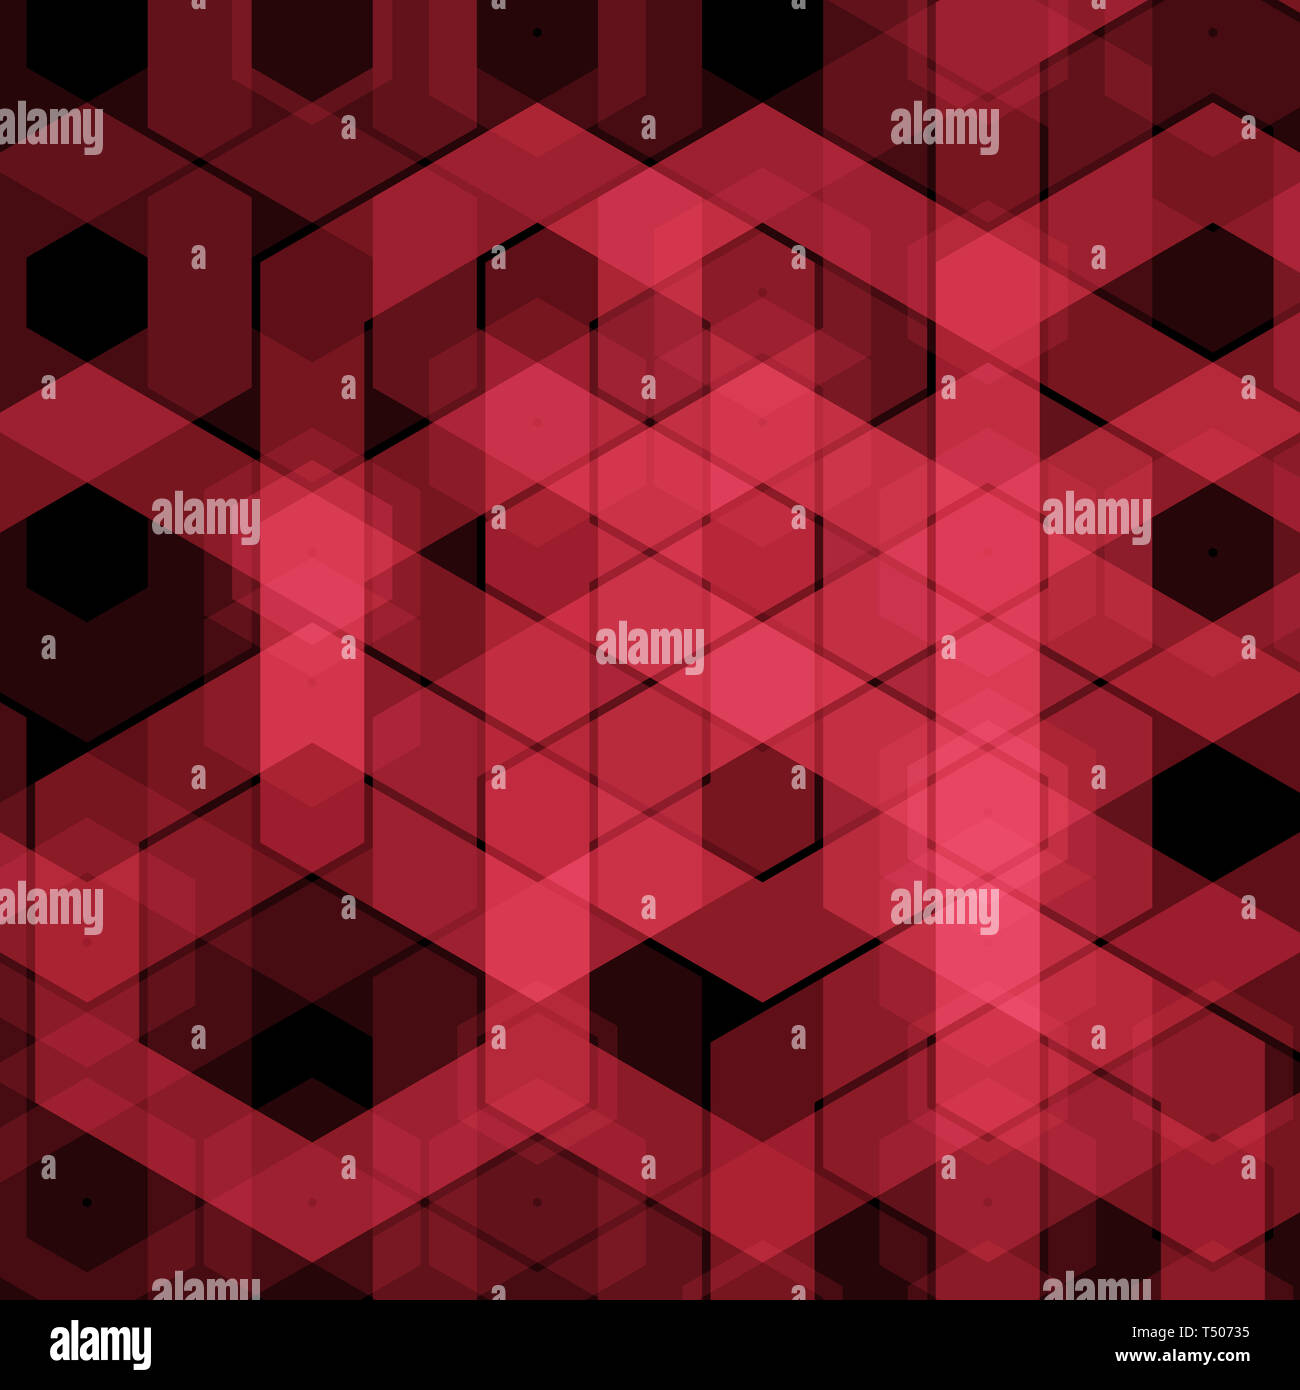 Abstract sfondo con disegno geometrico. Eps10 illustrazione vettoriale Immagini Stock